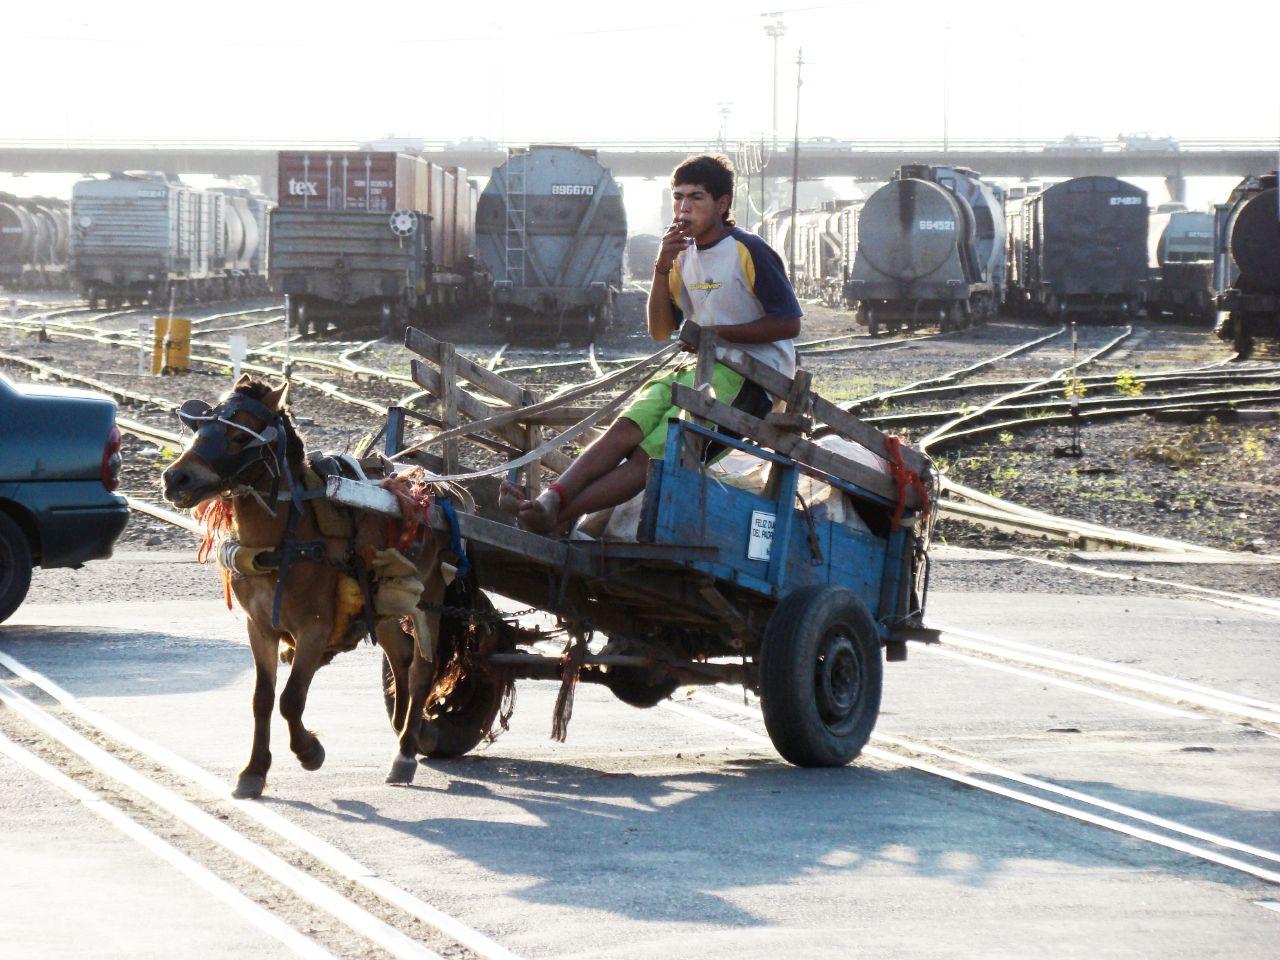 Pobreza en Argentina - Estadísticas y Fotos